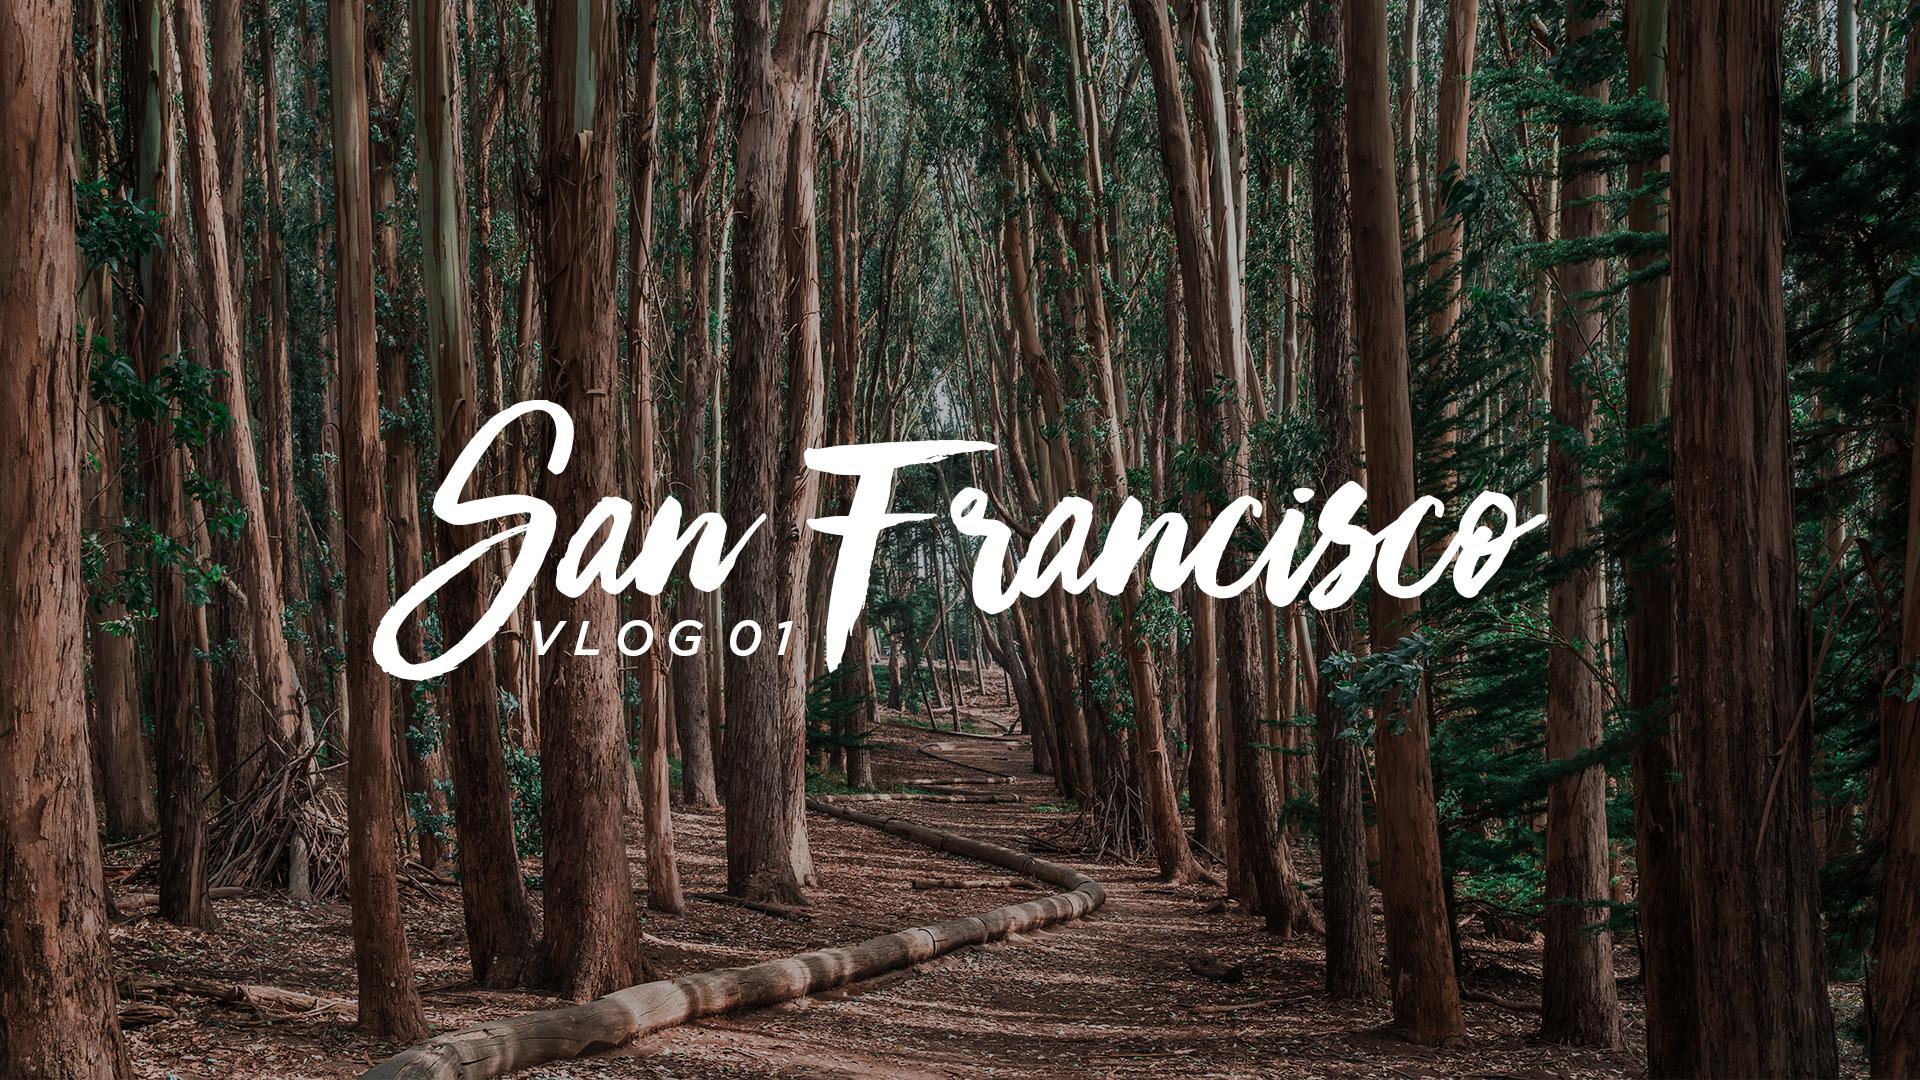 Vlog sobre San Francisco no Youtube!